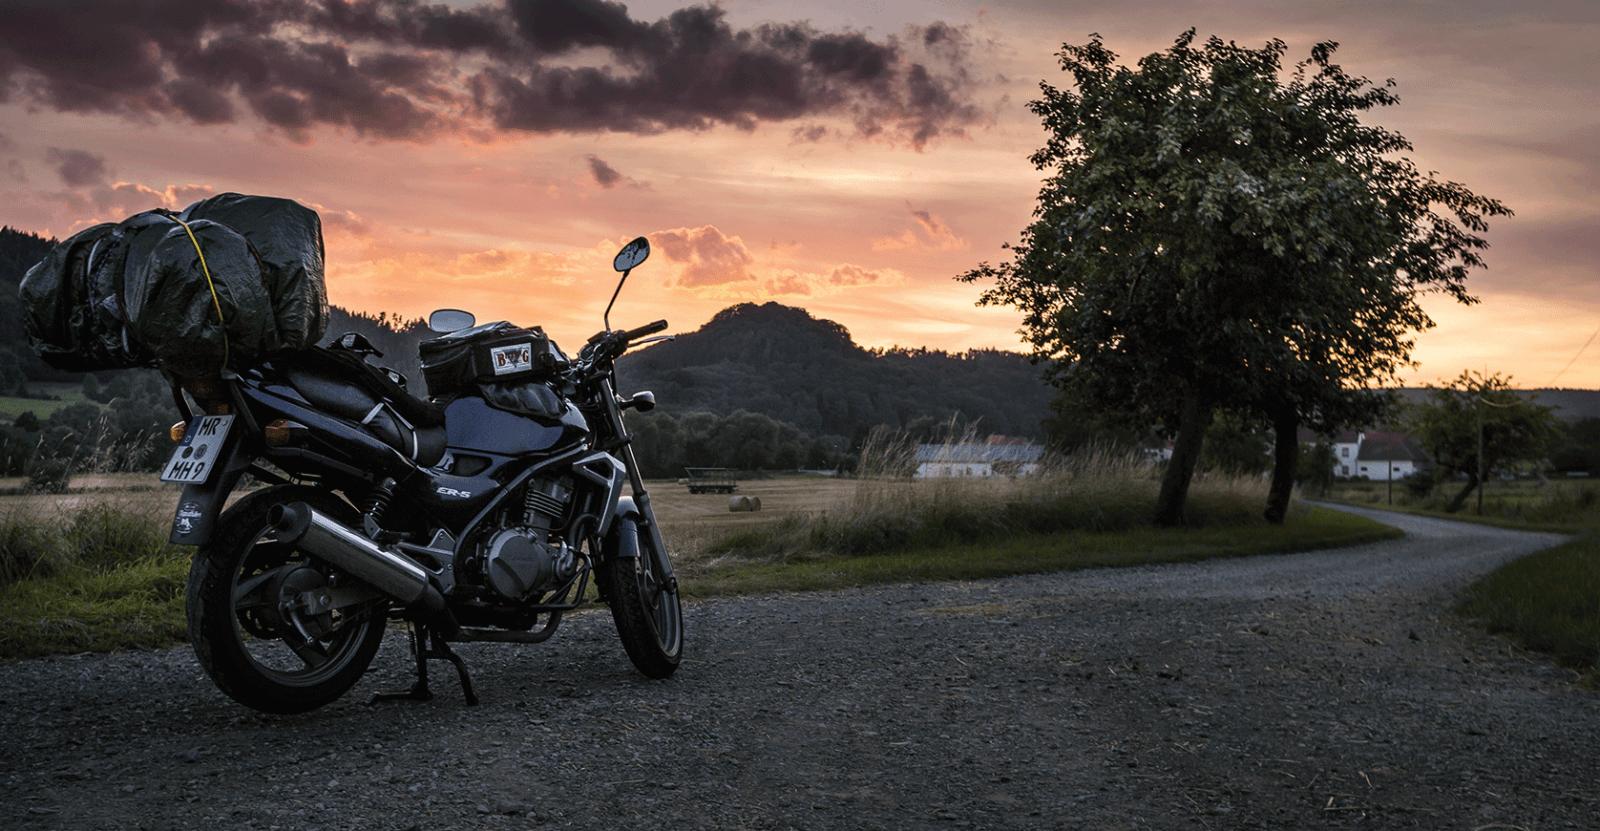 Kawasaki ER 5 vor Sonnenuntergang